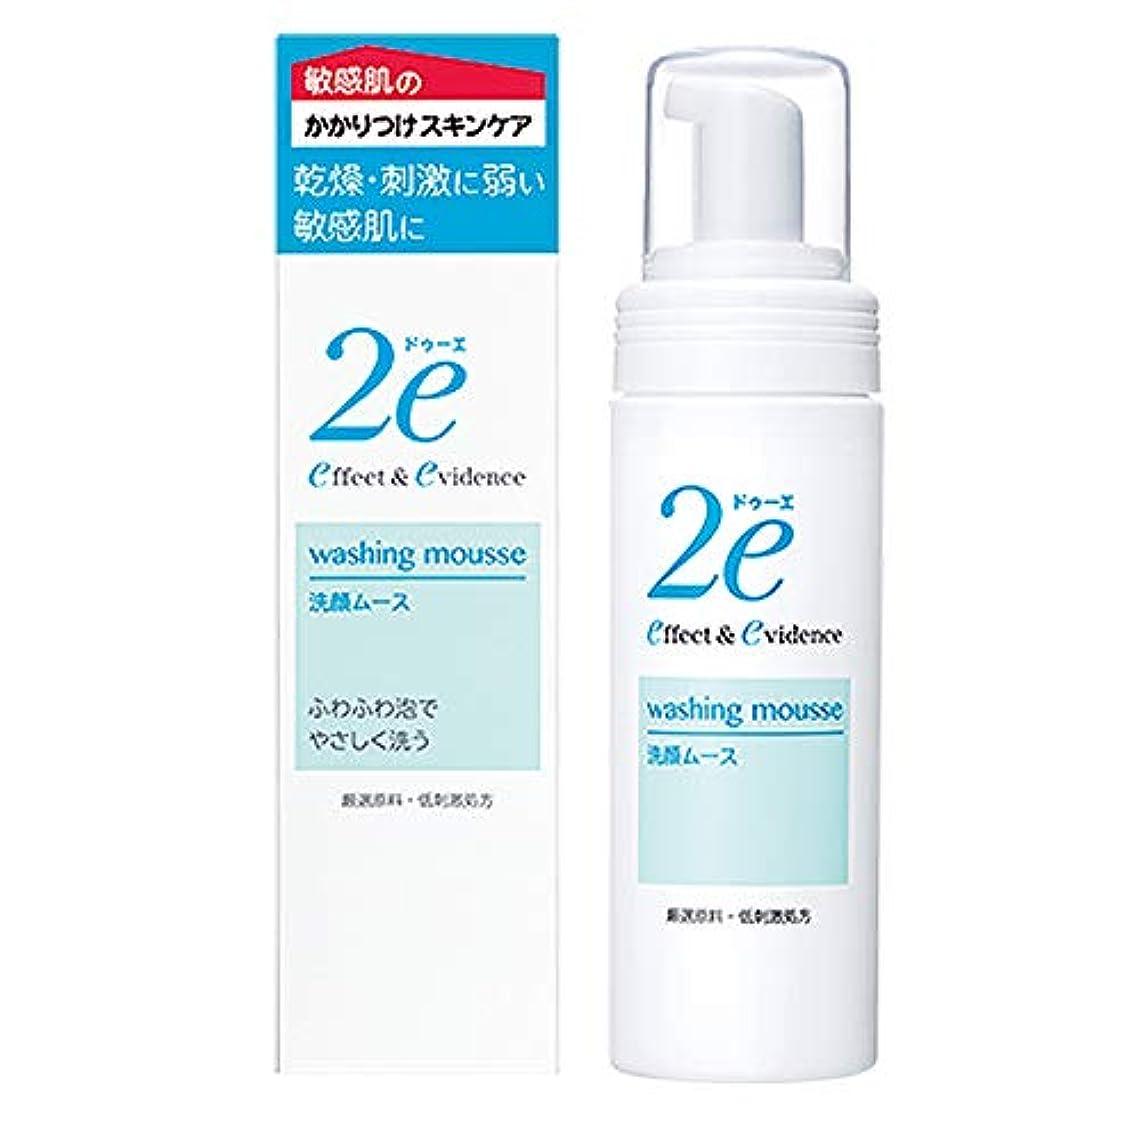 分配します毒レプリカ2e(ドゥーエ) 洗顔ムース 敏感肌用洗顔料 低刺激処方 泡で出てくるポンプタイプ 120ml